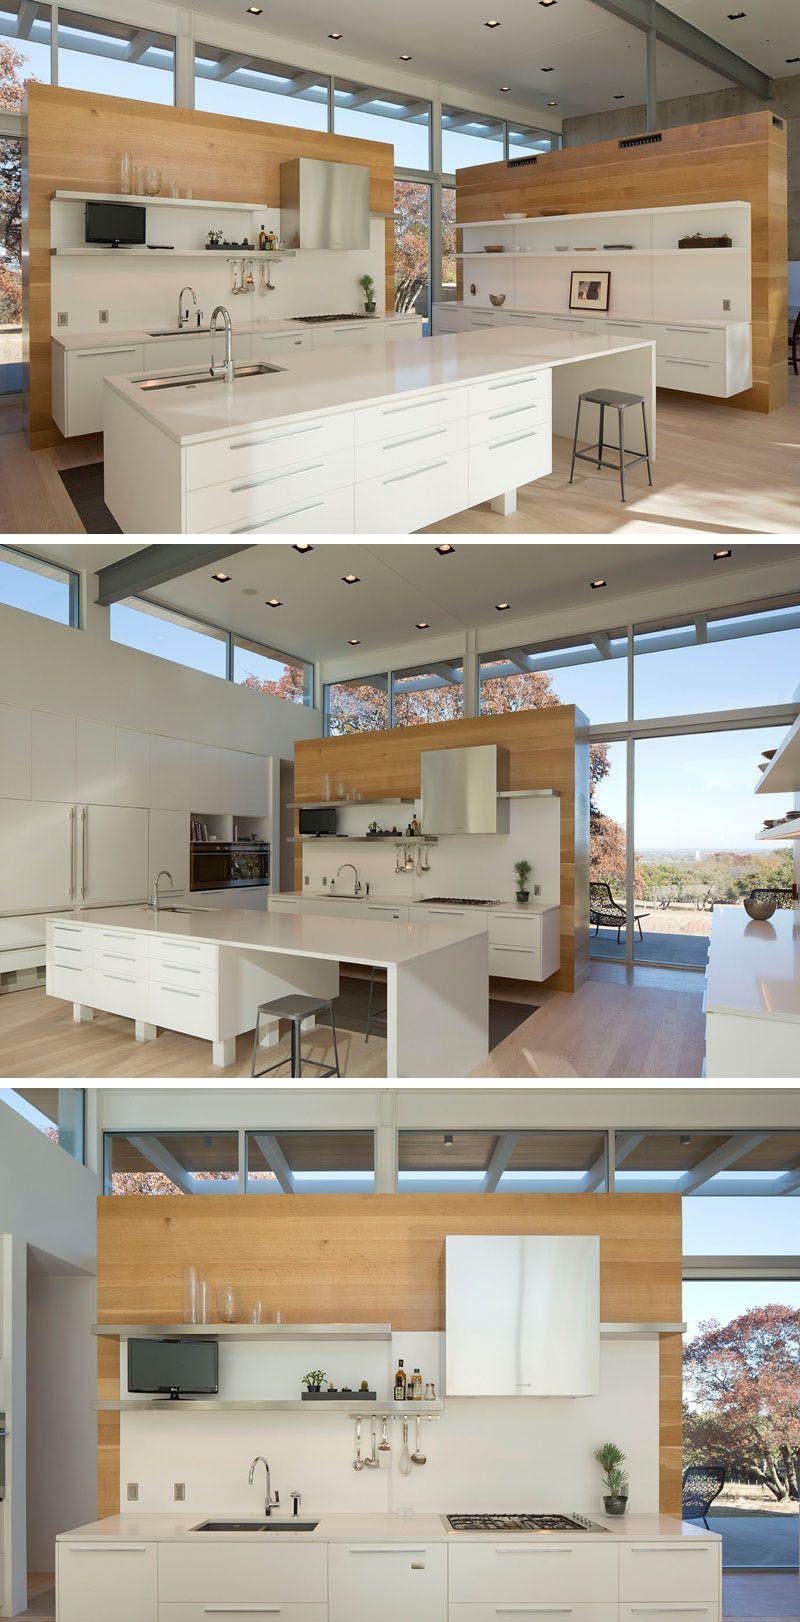 Dieses moderne Haus in Texas ist von Eichen umgeben | Open shelving ...